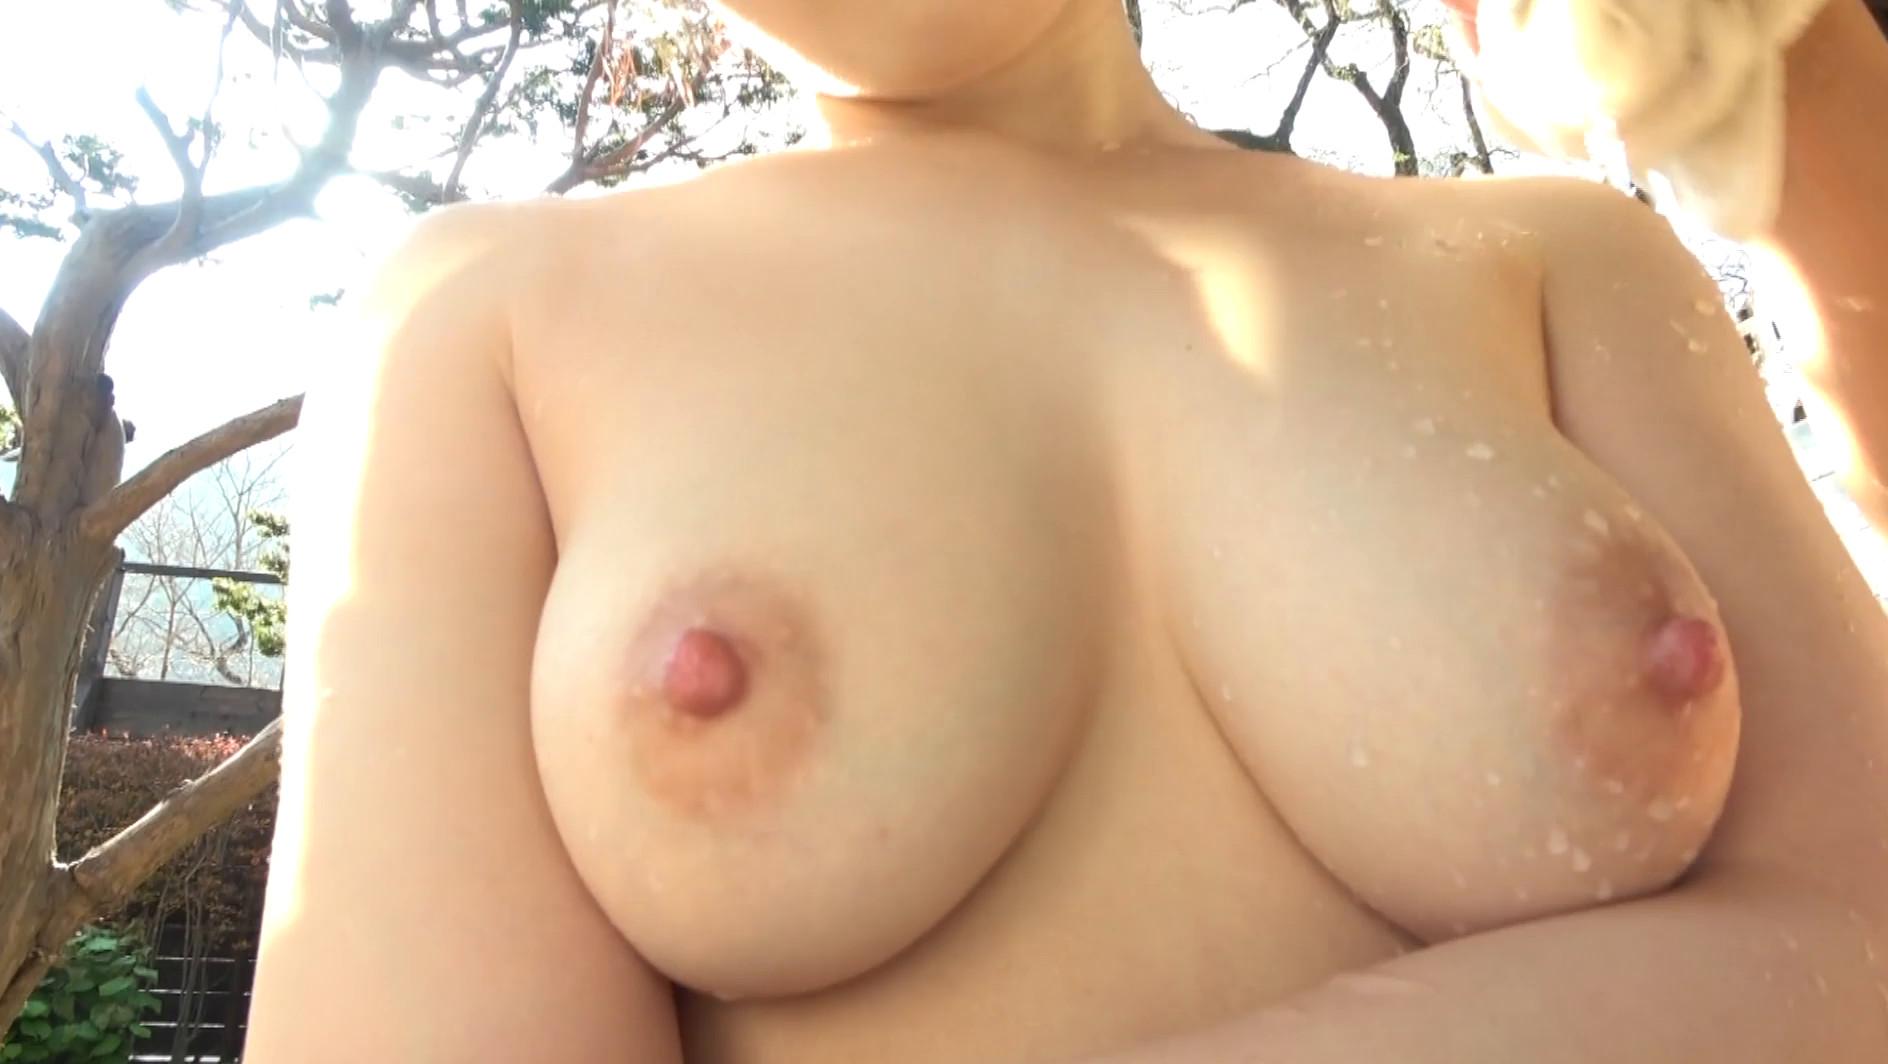 中出し露天温泉 東北出身の色白美肌!むっつりスケベ&卑猥な乳輪パイパン娘 画像21